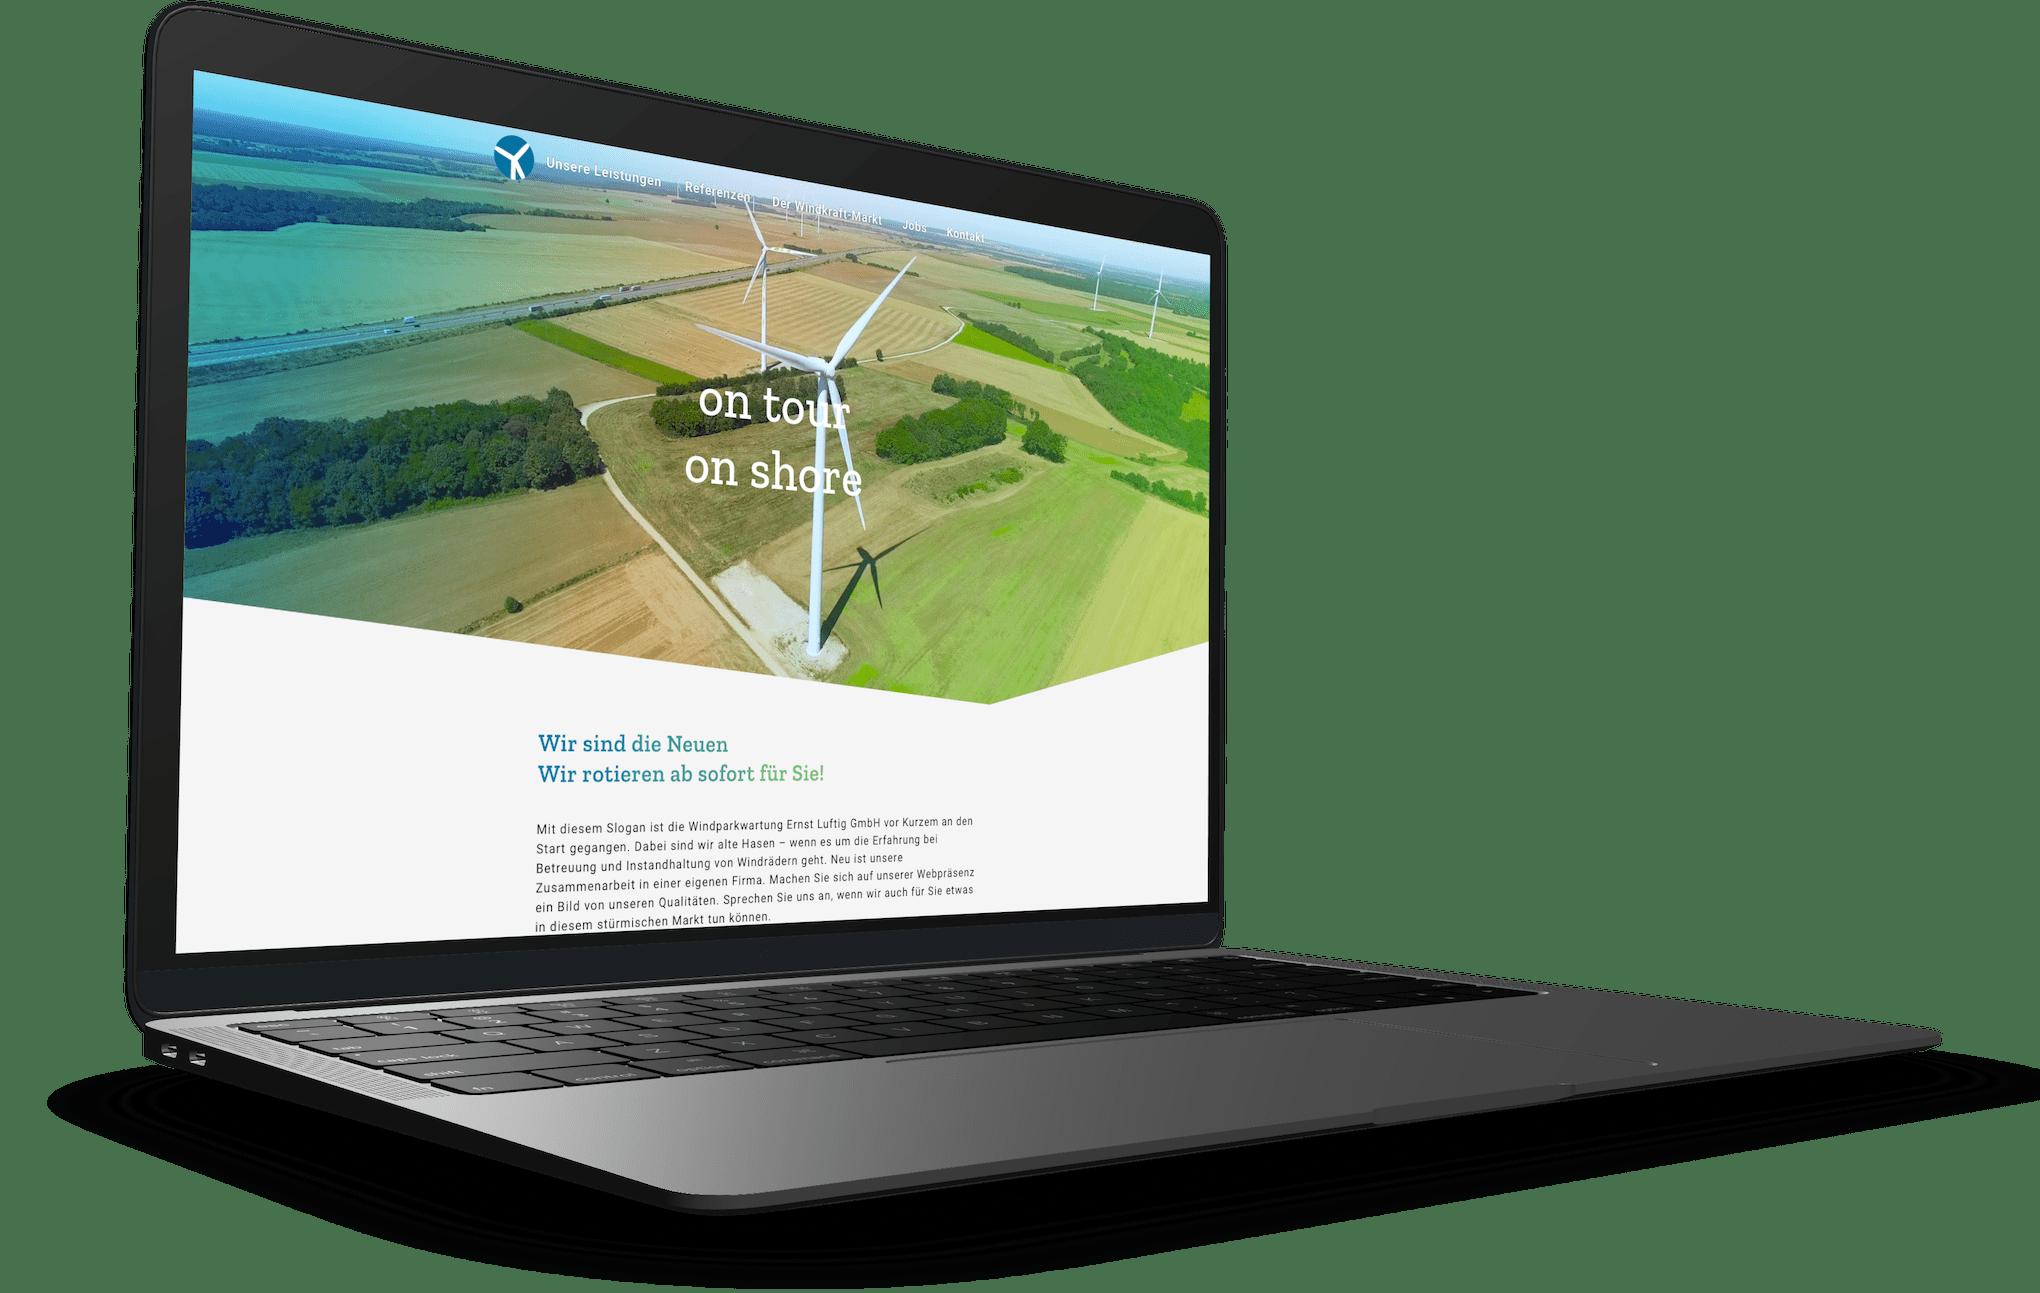 Die Startseite der Ernst Luftig-Webseite auf einem stehenden MacBook Pro-Mockup